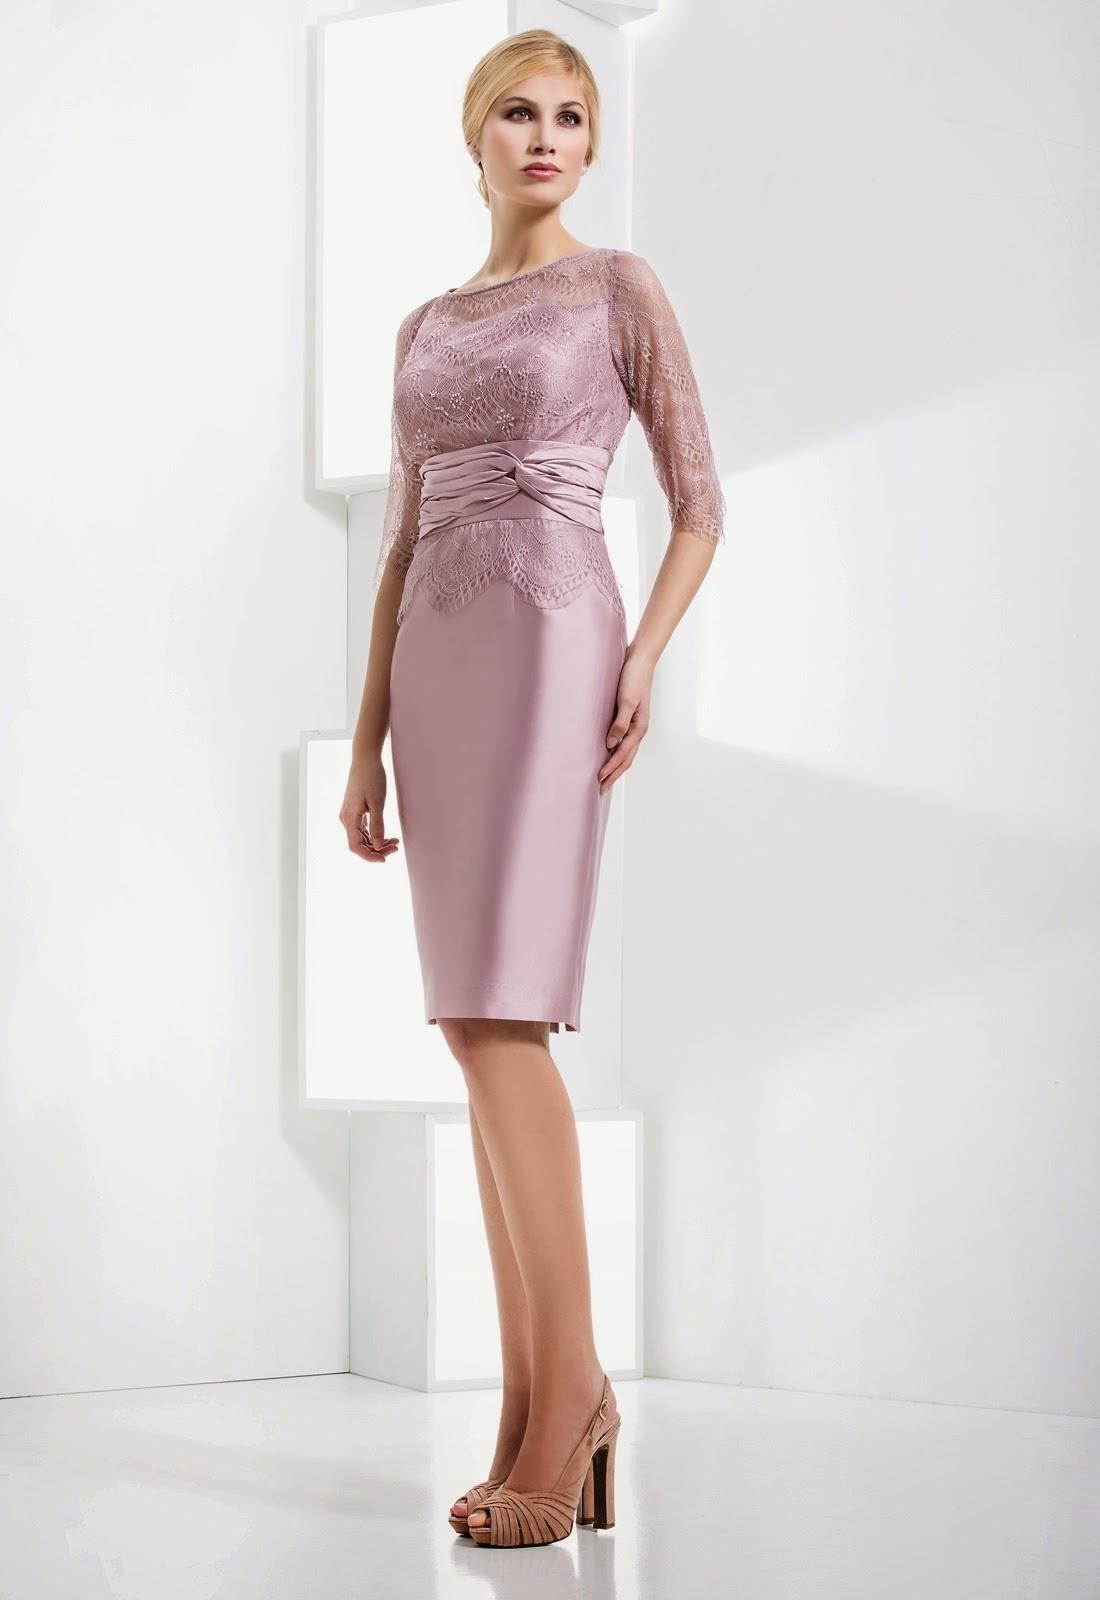 10 Cool Kleider Elegant Hochzeit Spezialgebiet Spektakulär Kleider Elegant Hochzeit Design